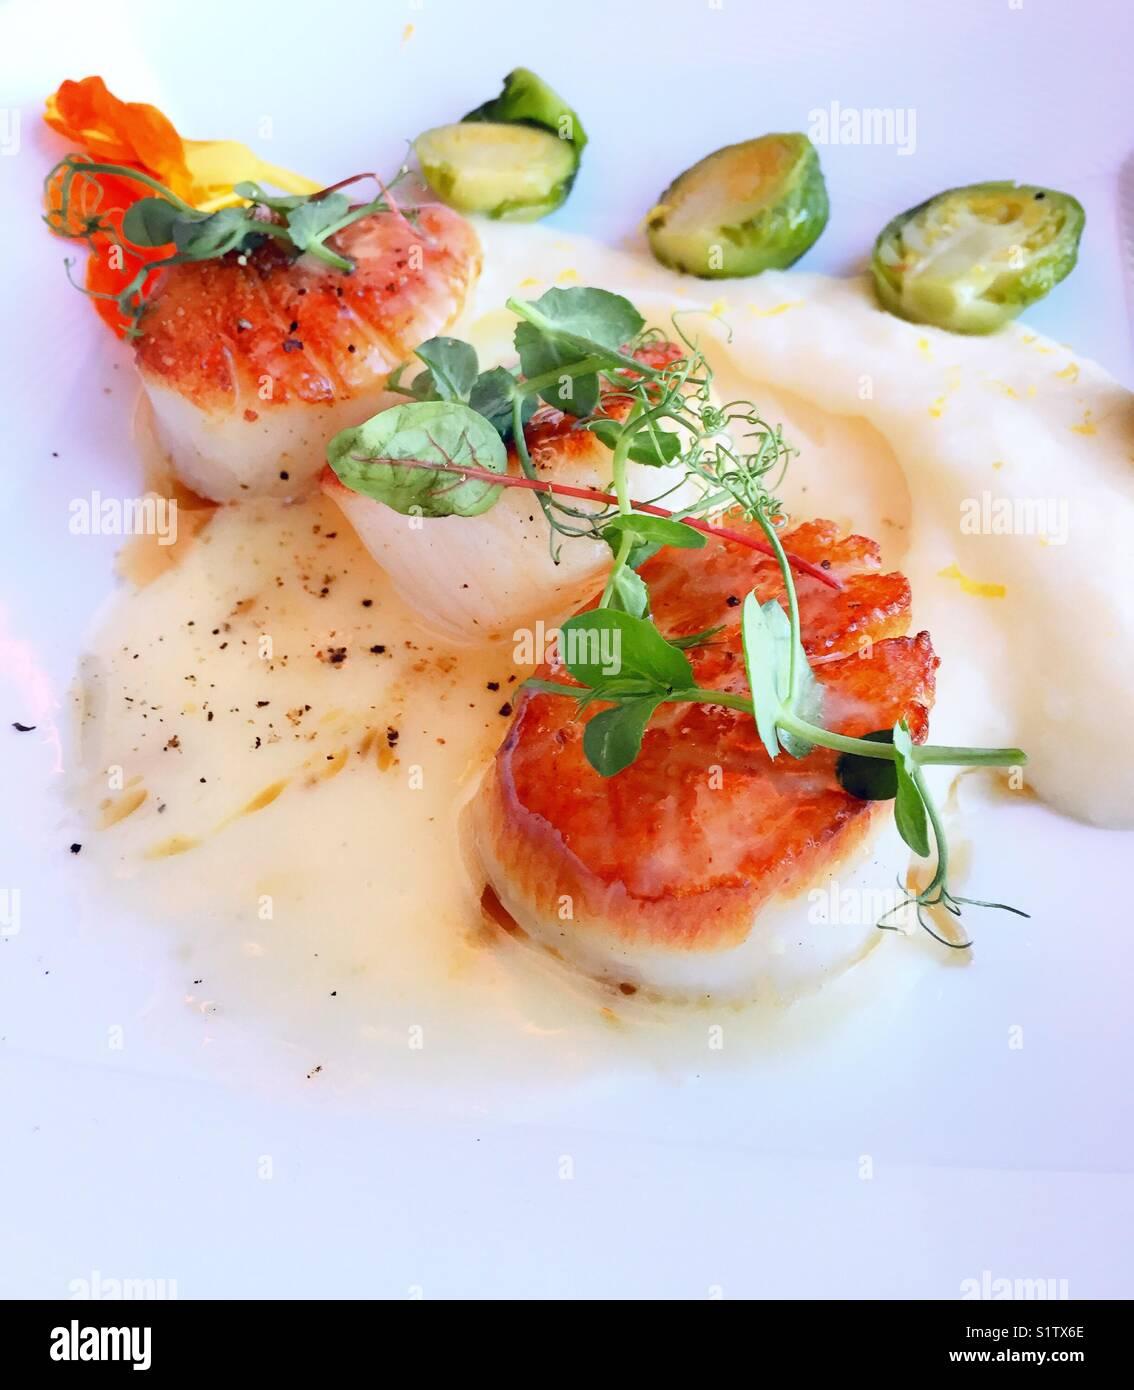 Geschmorte Jakobsmuschel entrée an upscale Gourmet Restaurant, New York City, USA Stockbild